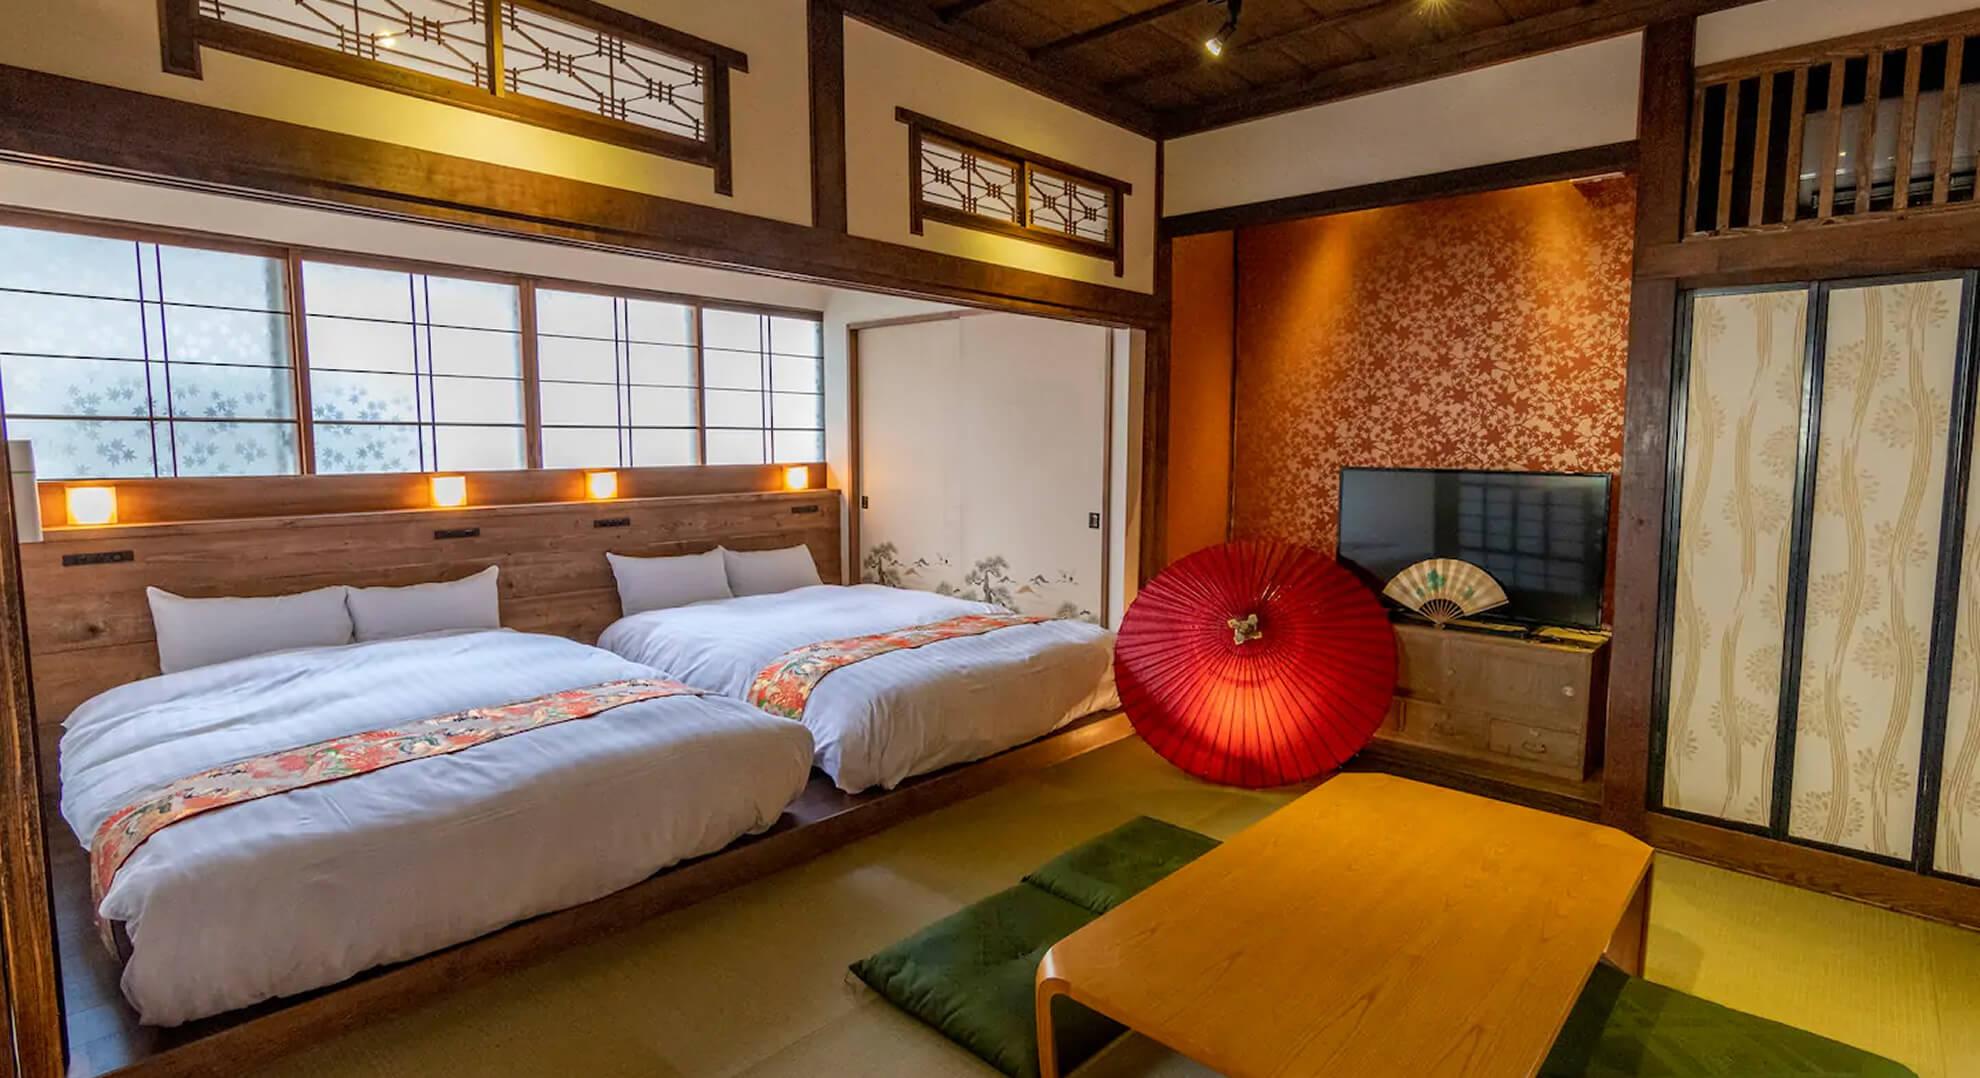 函館で民泊できる えびすまち高田屋